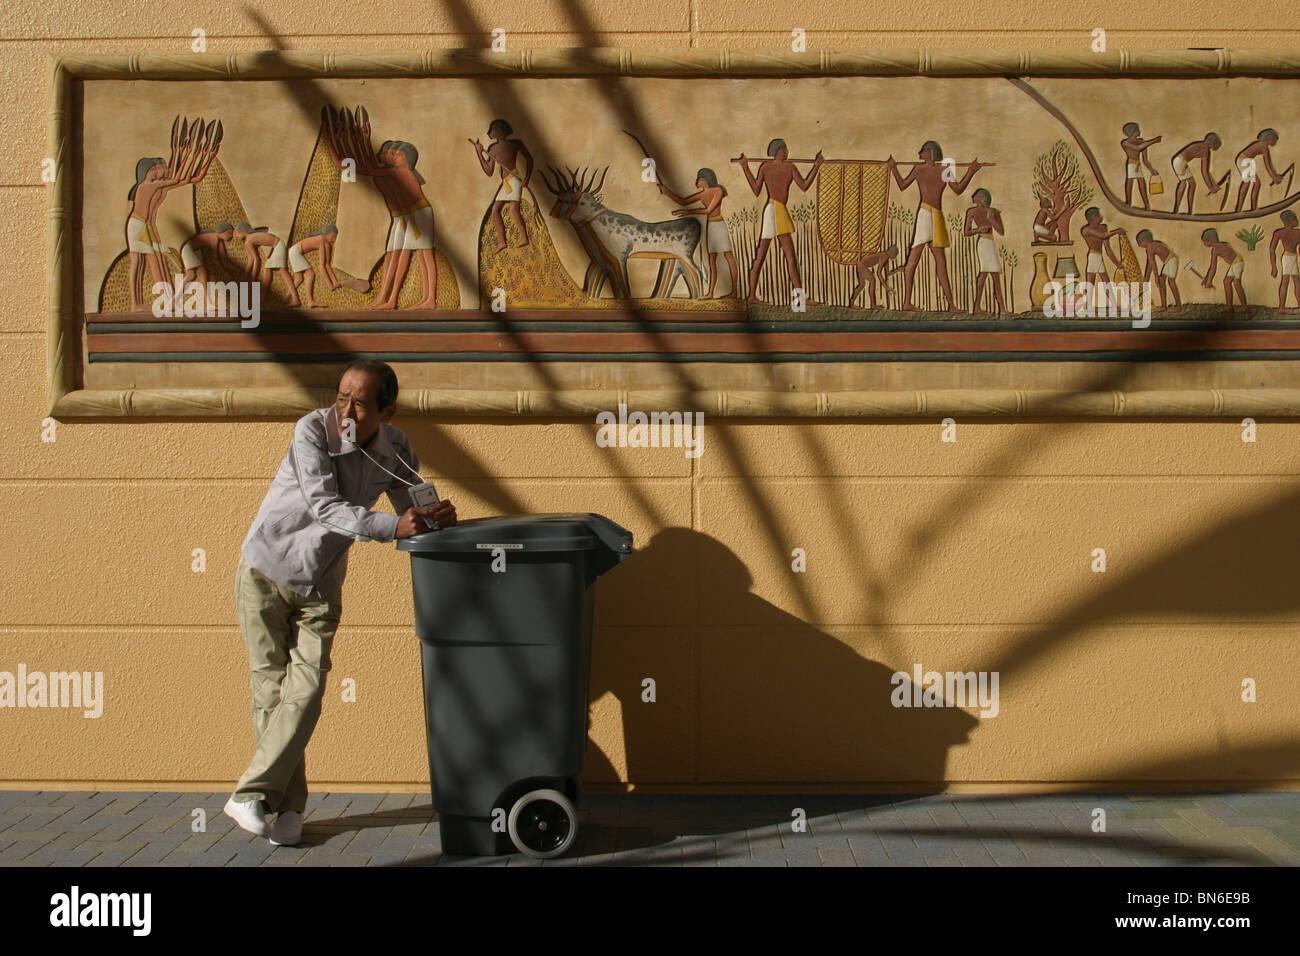 Padiglione egiziano al World Expo 2005, Aichi, Giappone. 19.03.05 Immagini Stock